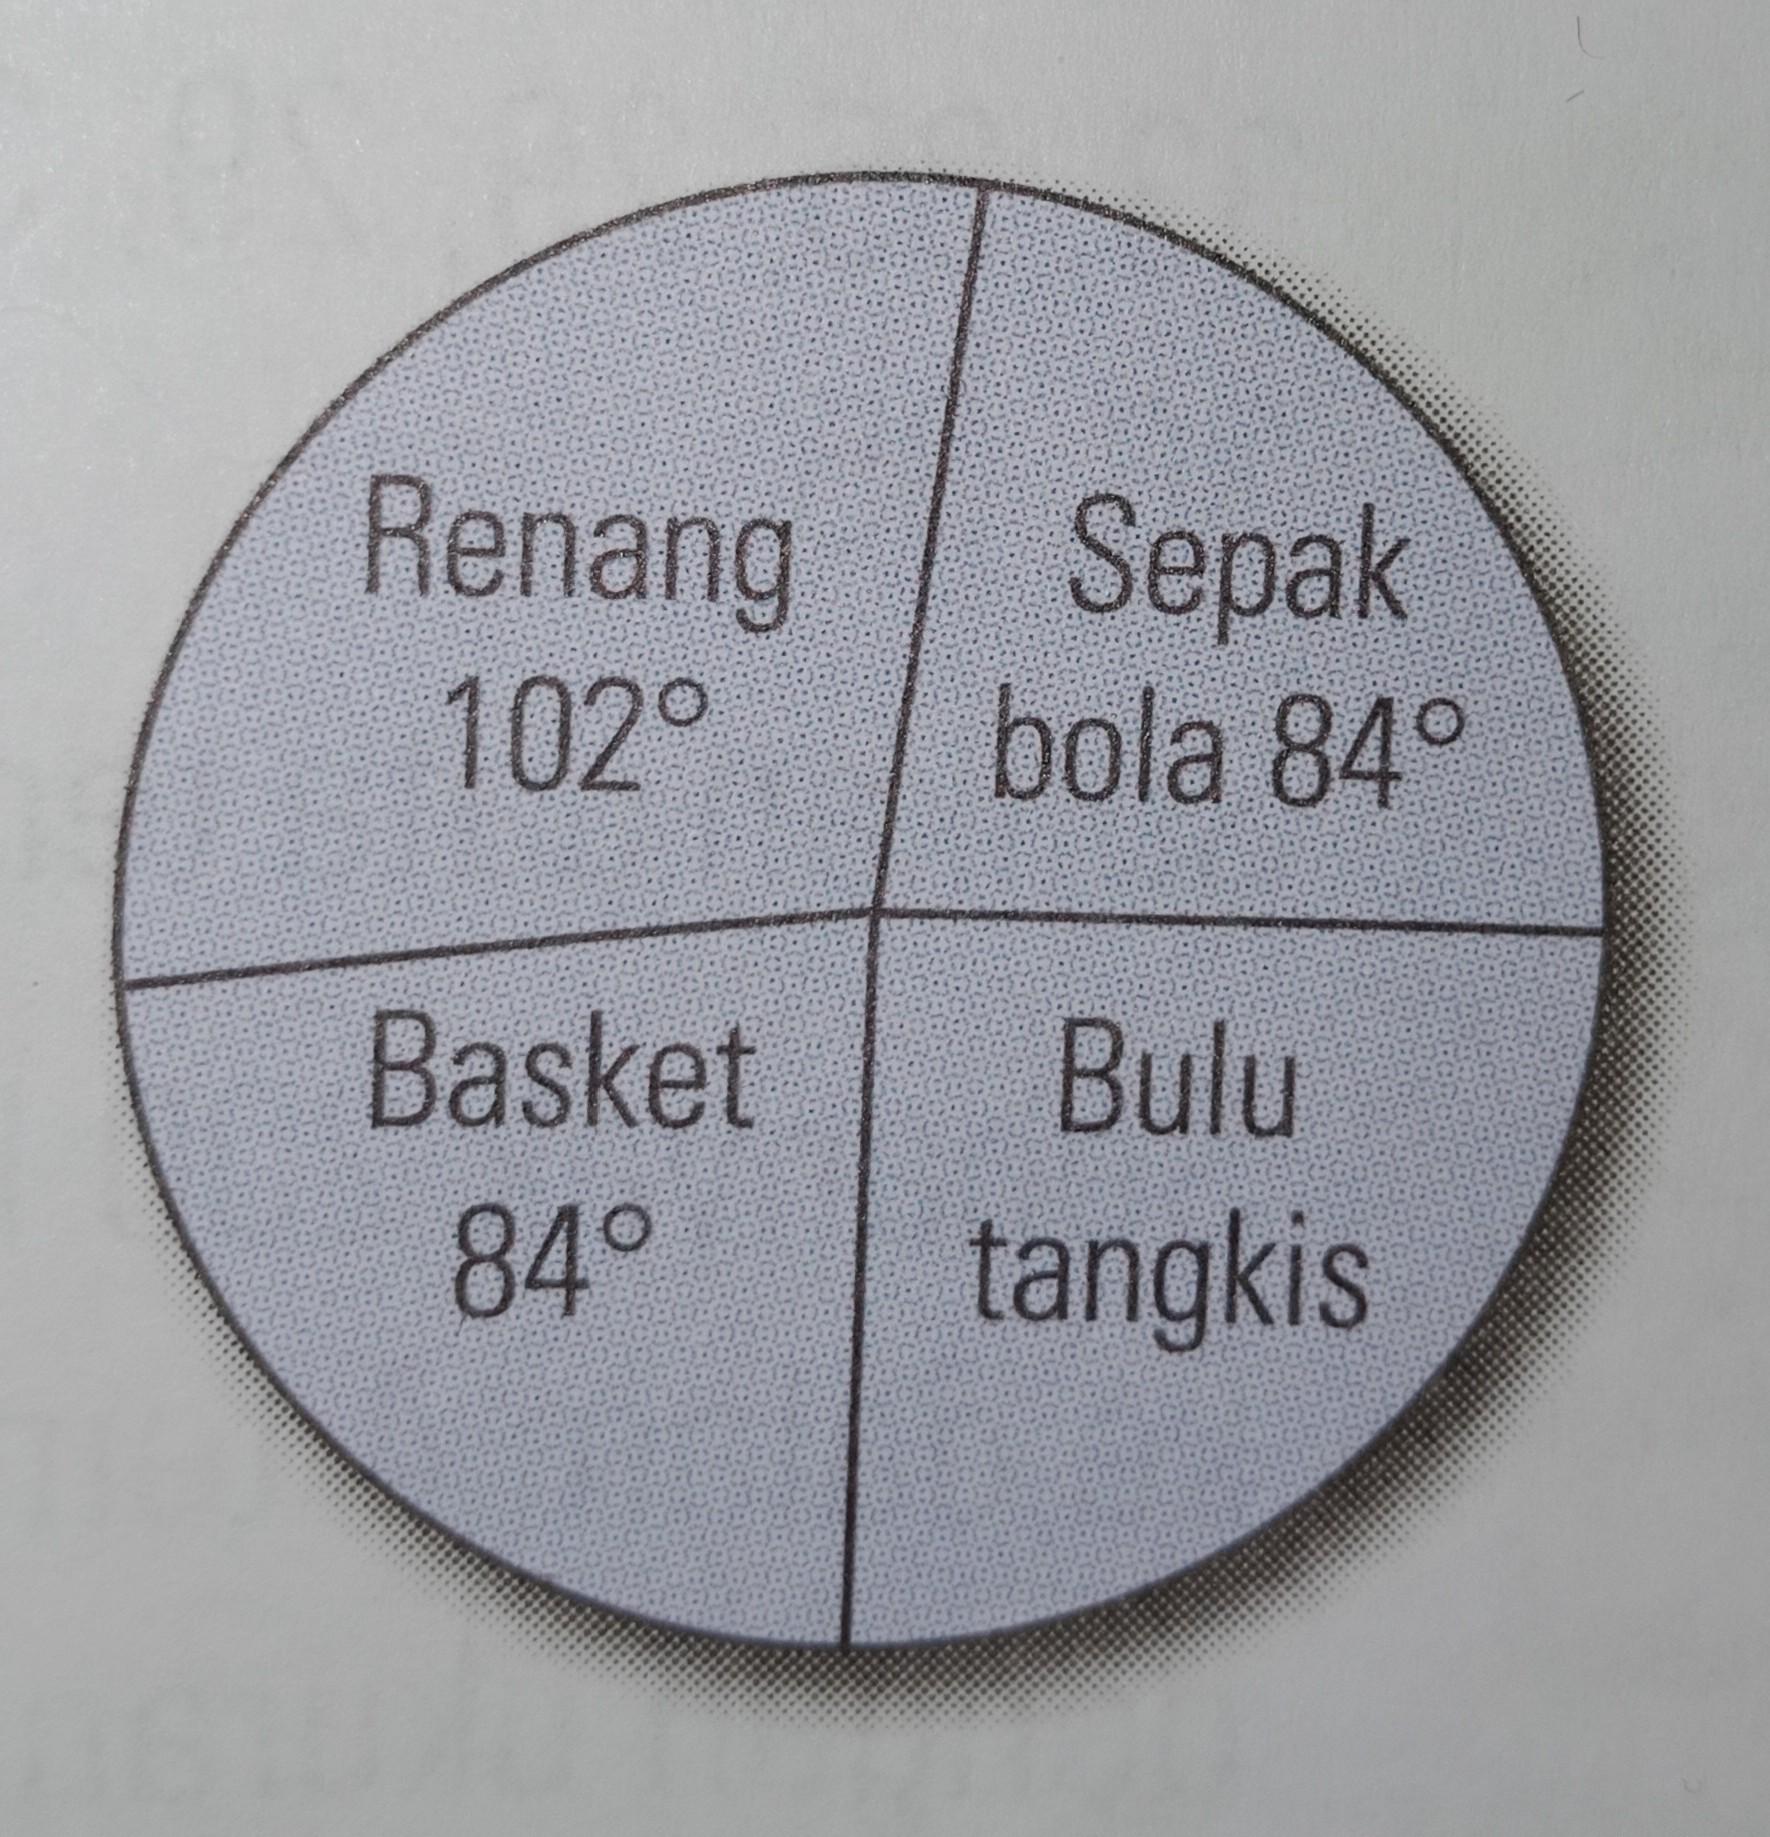 Contoh Soal Diagram Lingkaran Kelas 5 Sd Terbaru 2019